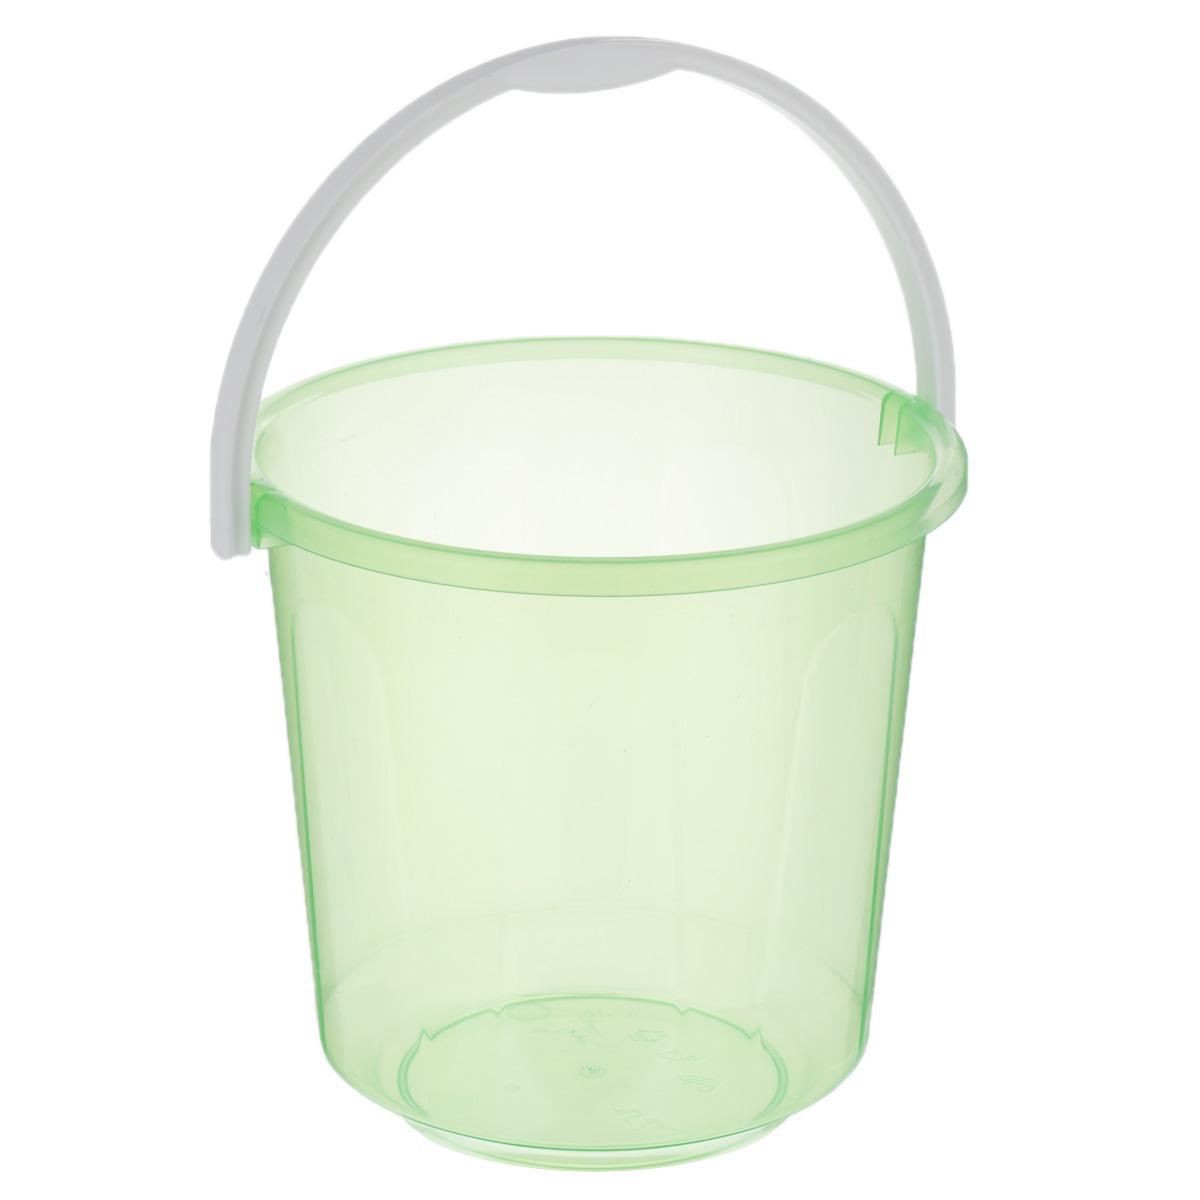 Ведро Хозяюшка, цвет: зеленый, 7 л. М1205М1205Маленькое ведро Хозяюшка изготовлено из пластмассы. Предназначено специально для начинающего садовода. В нем можно принести воды или использовать его для переноски земли. Диаметр ведра: 24 см. Высота ведра: 23 см.